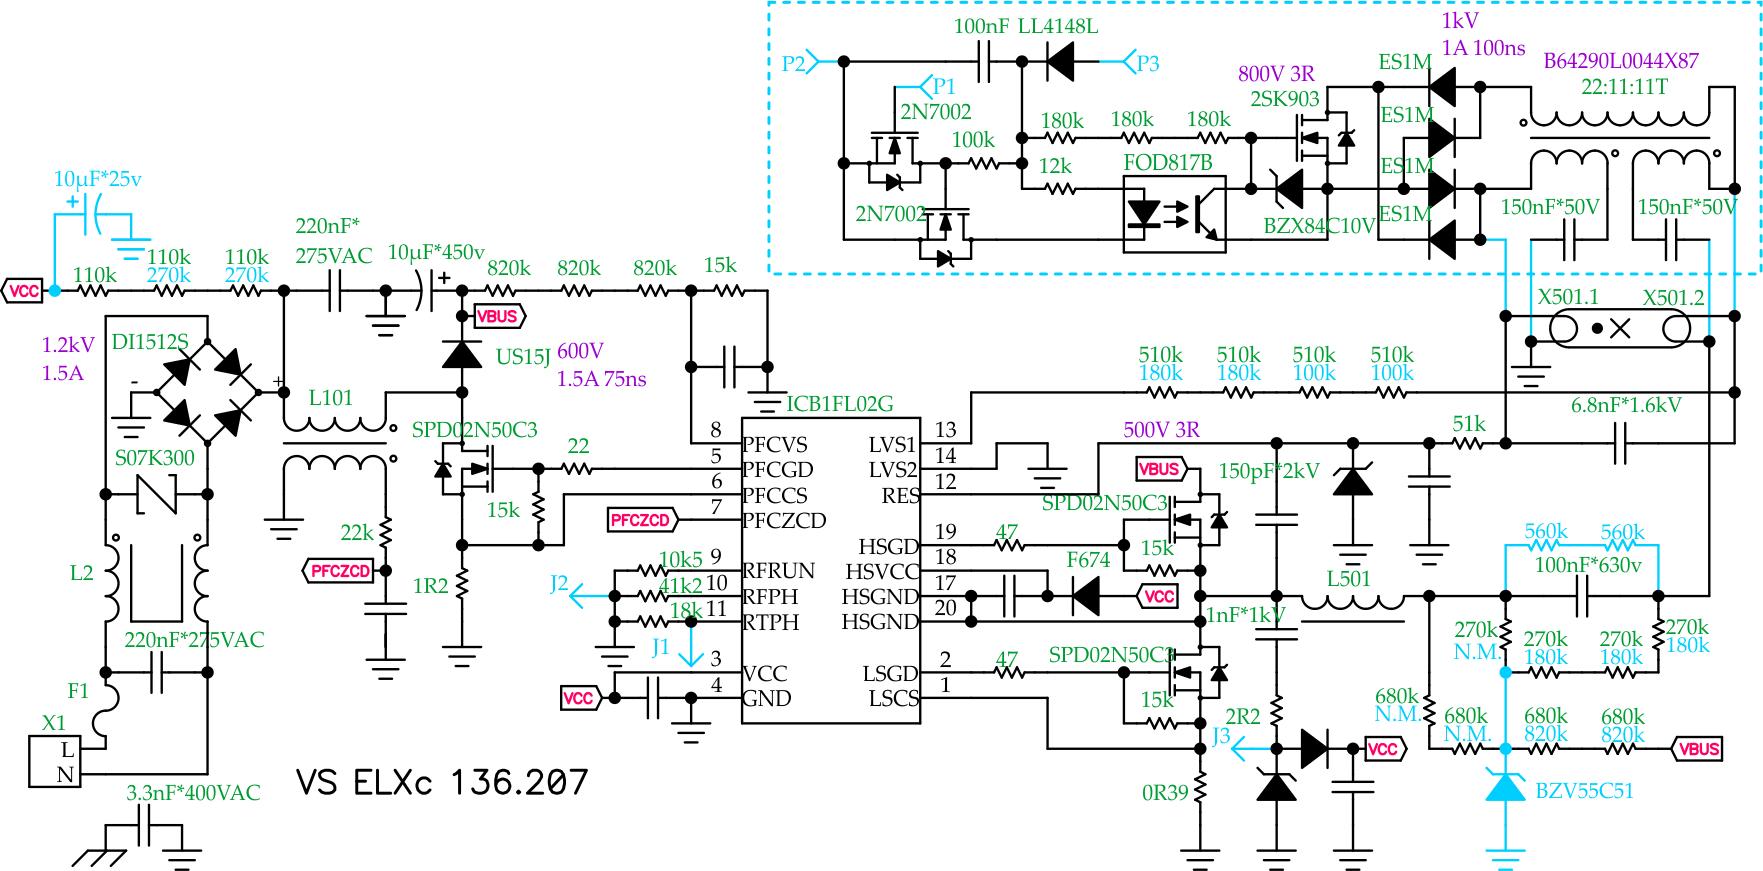 Схемы подключения балластов на светильниках